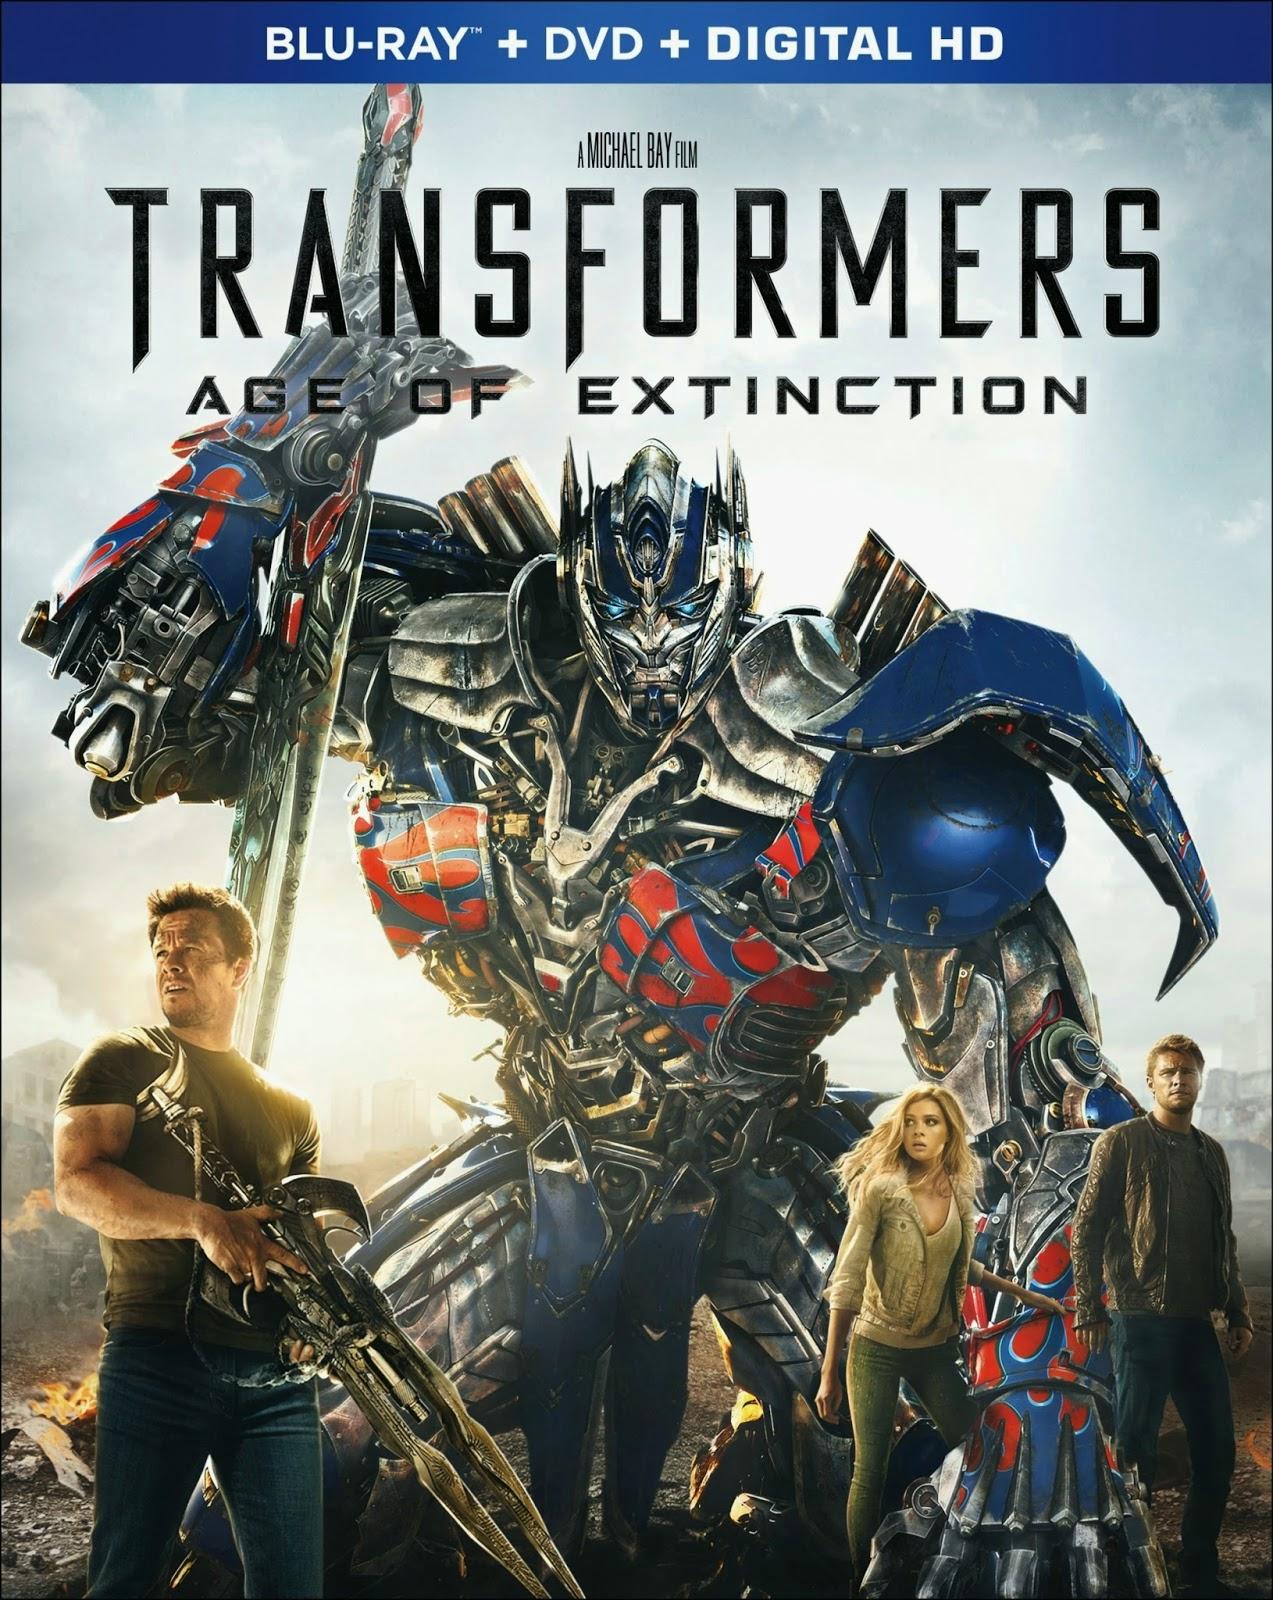 ดู Transformers: Age of Extinction ทรานส์ฟอร์เมอร์ส 4: มหาวิบัติยุคสูญพันธุ์